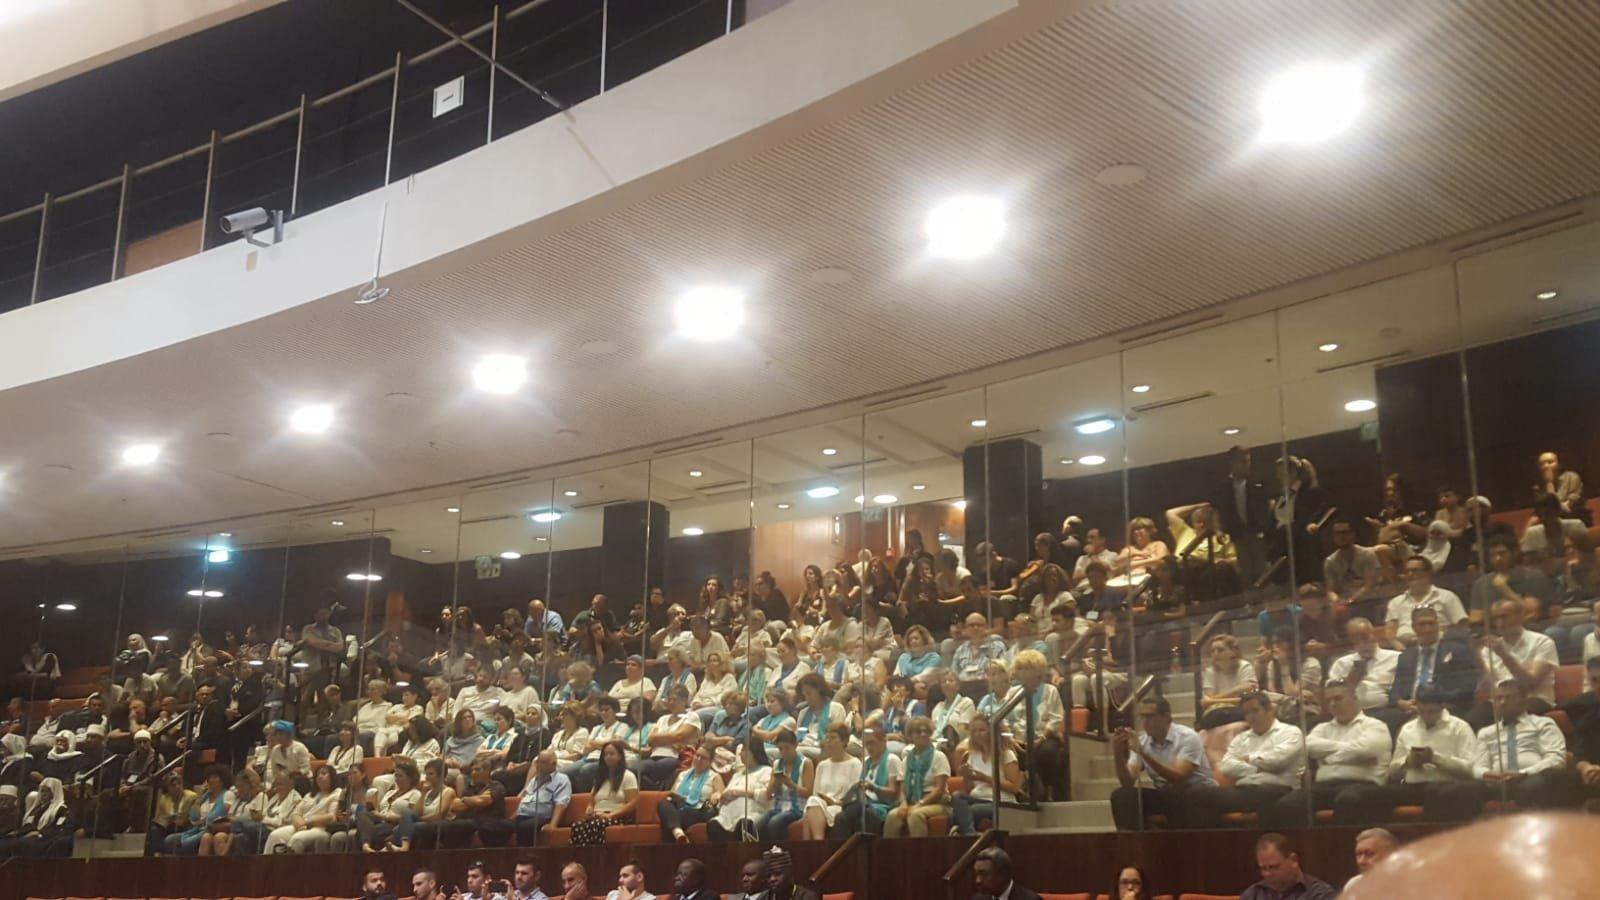 الهيئة العامة للكنيست تناقش قانون القومية